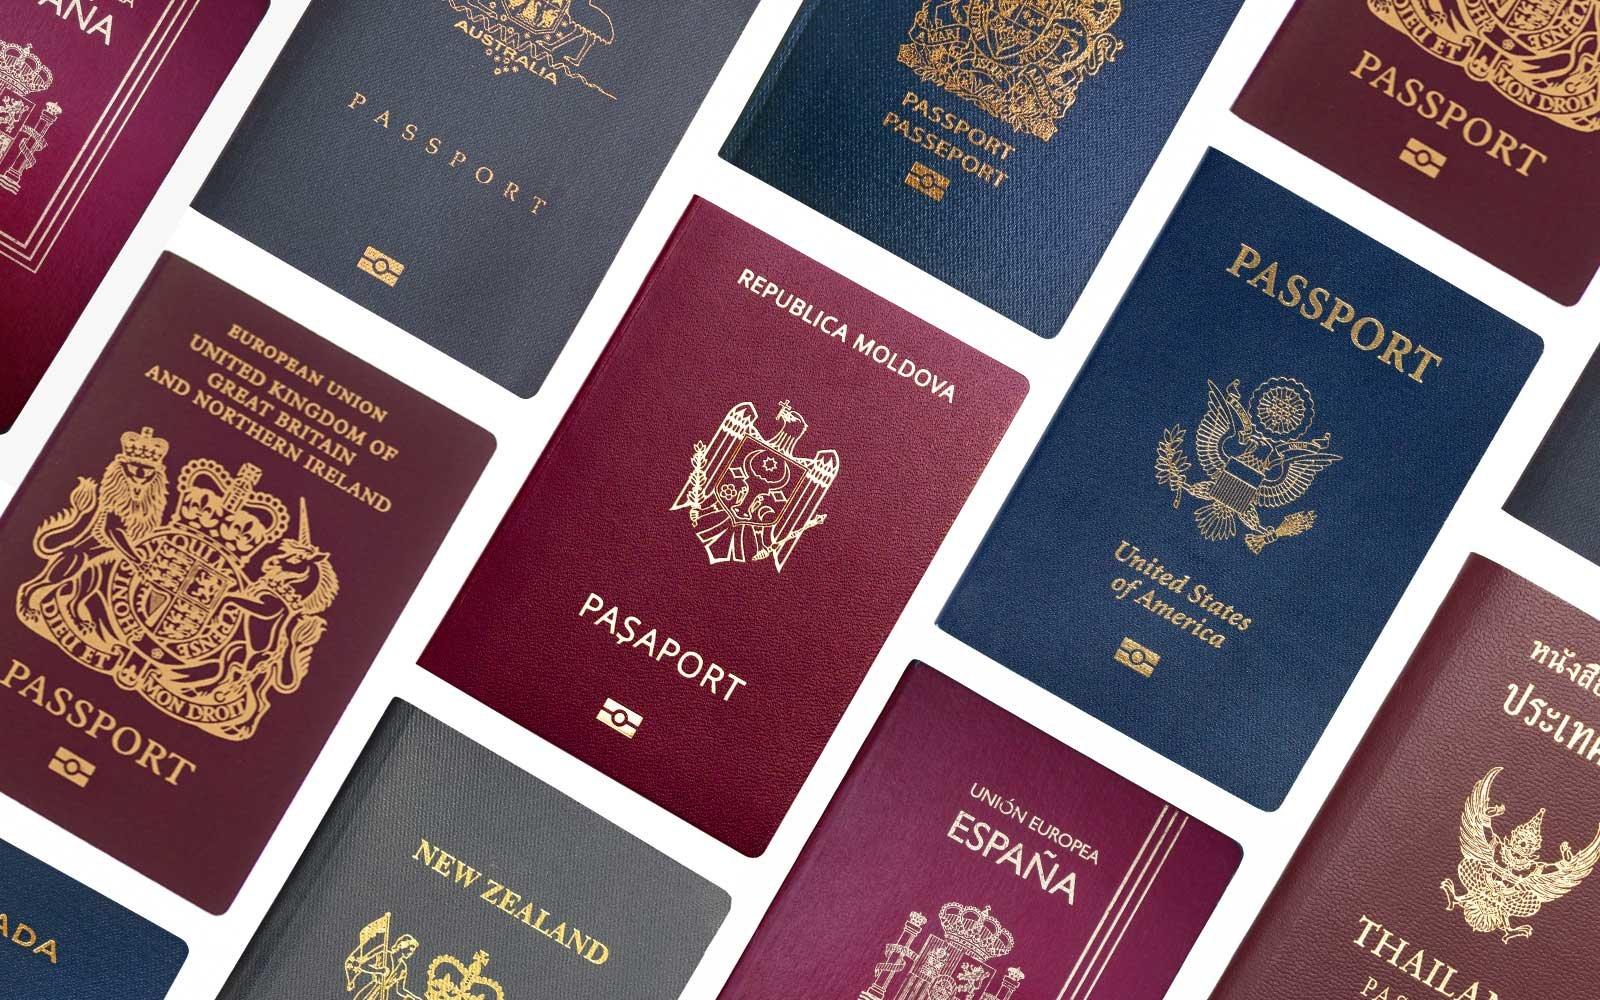 pasportoj